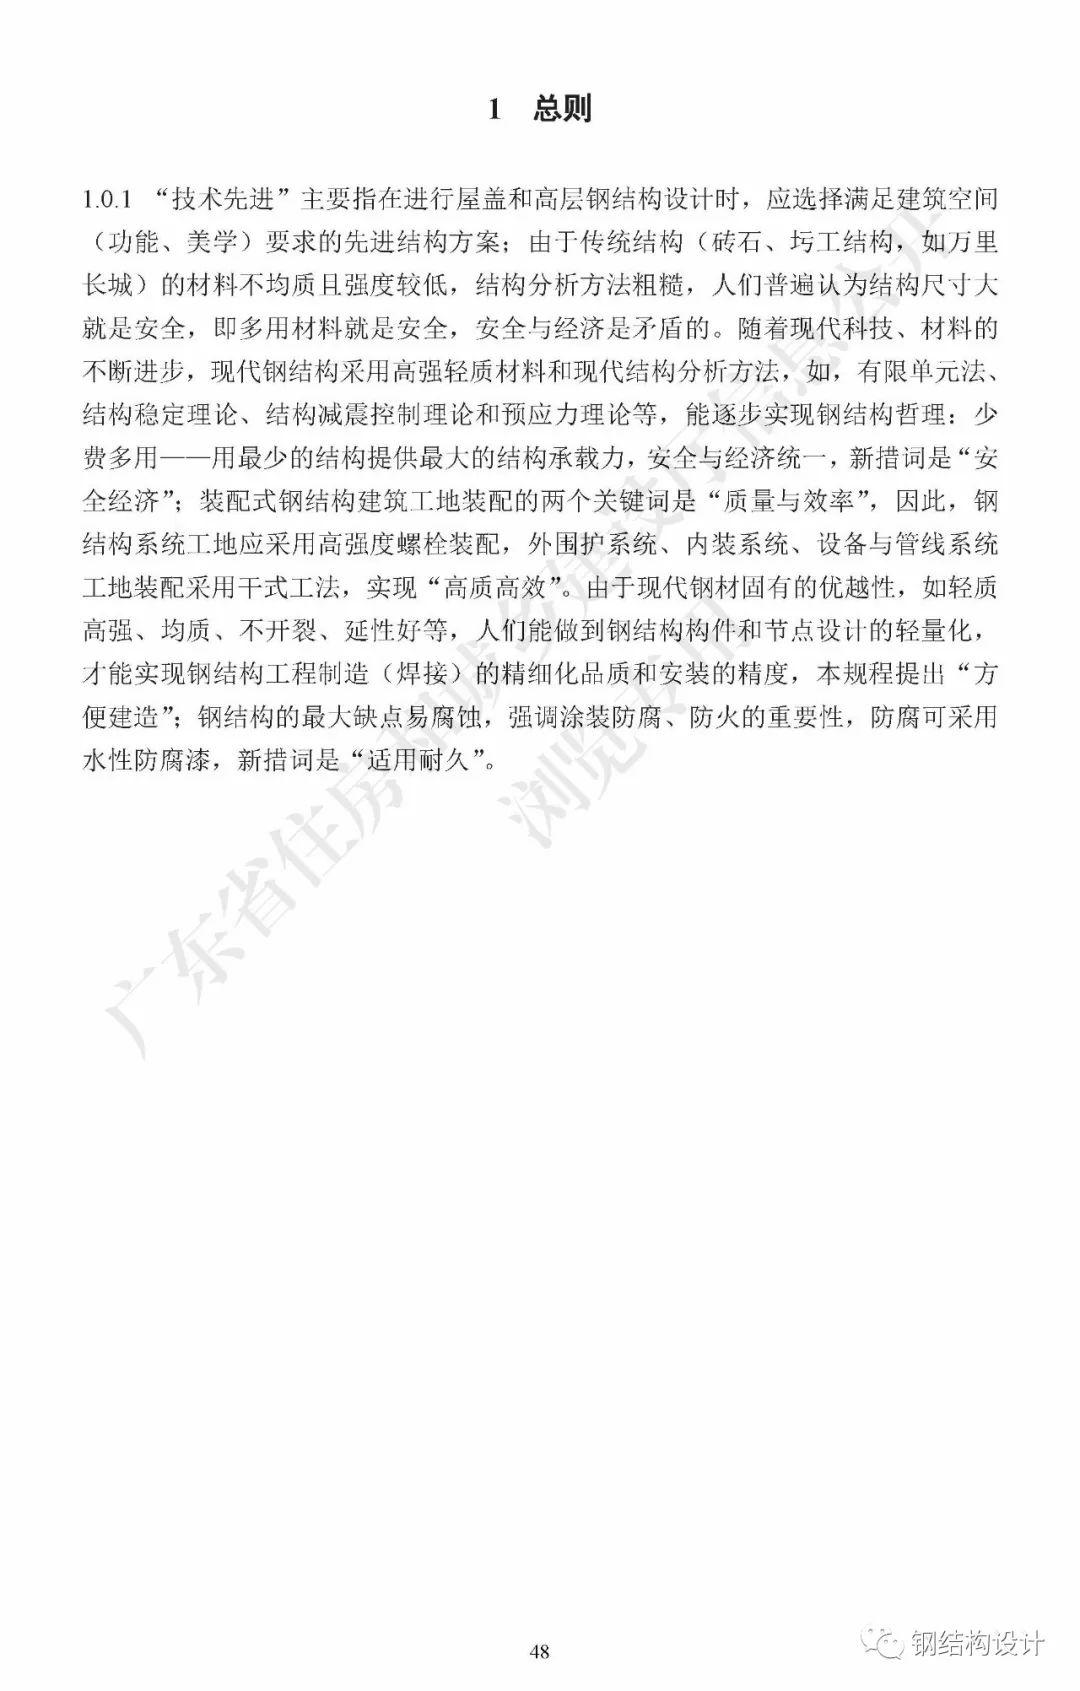 广东省《装配式钢结构建筑技术规程》发布_58